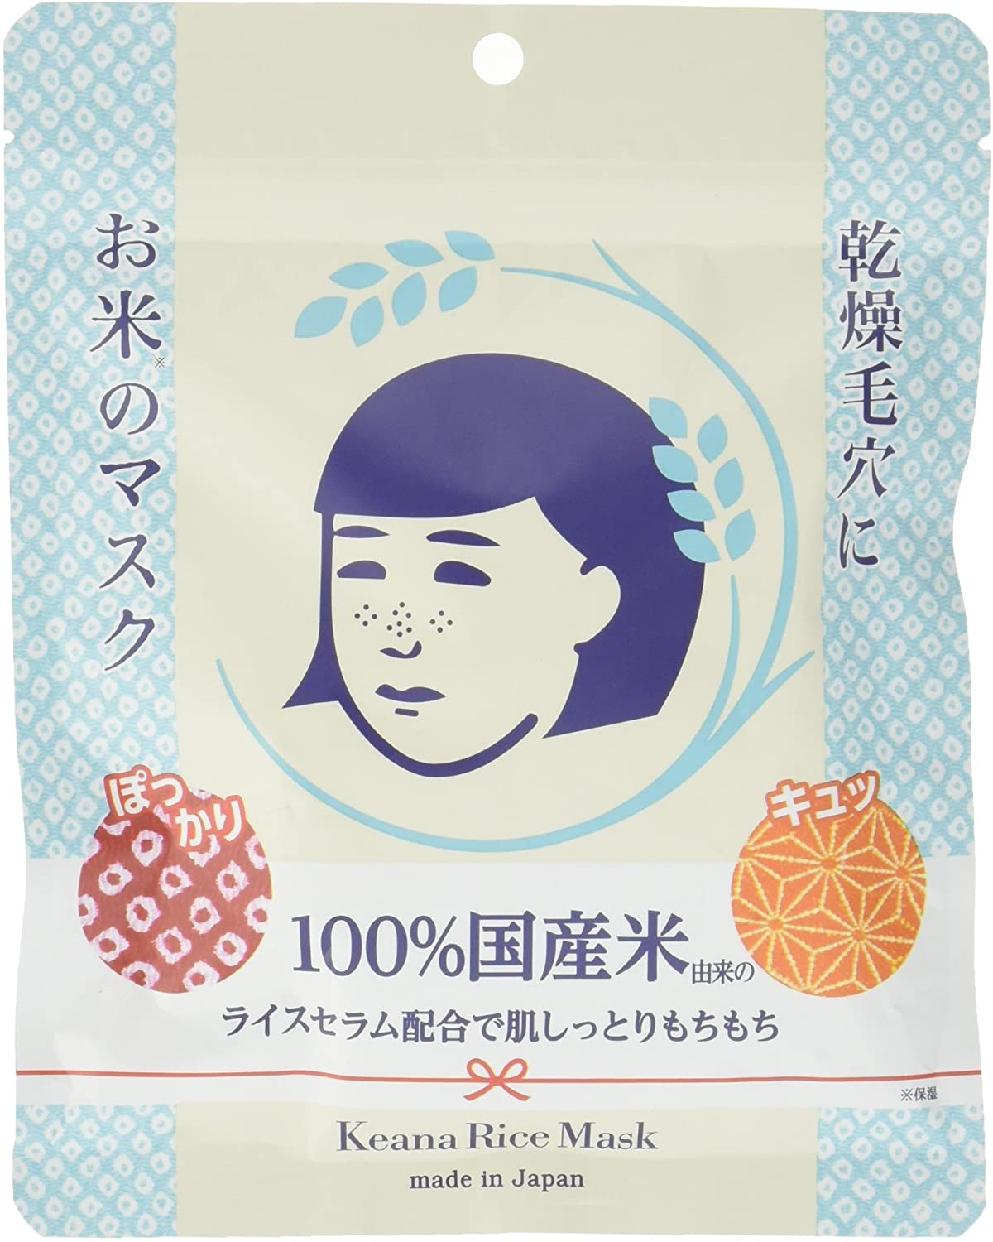 毛穴撫子(ケアナナシコ)お米のマスク <シートマスク>を使った maakiさんのクチコミ画像